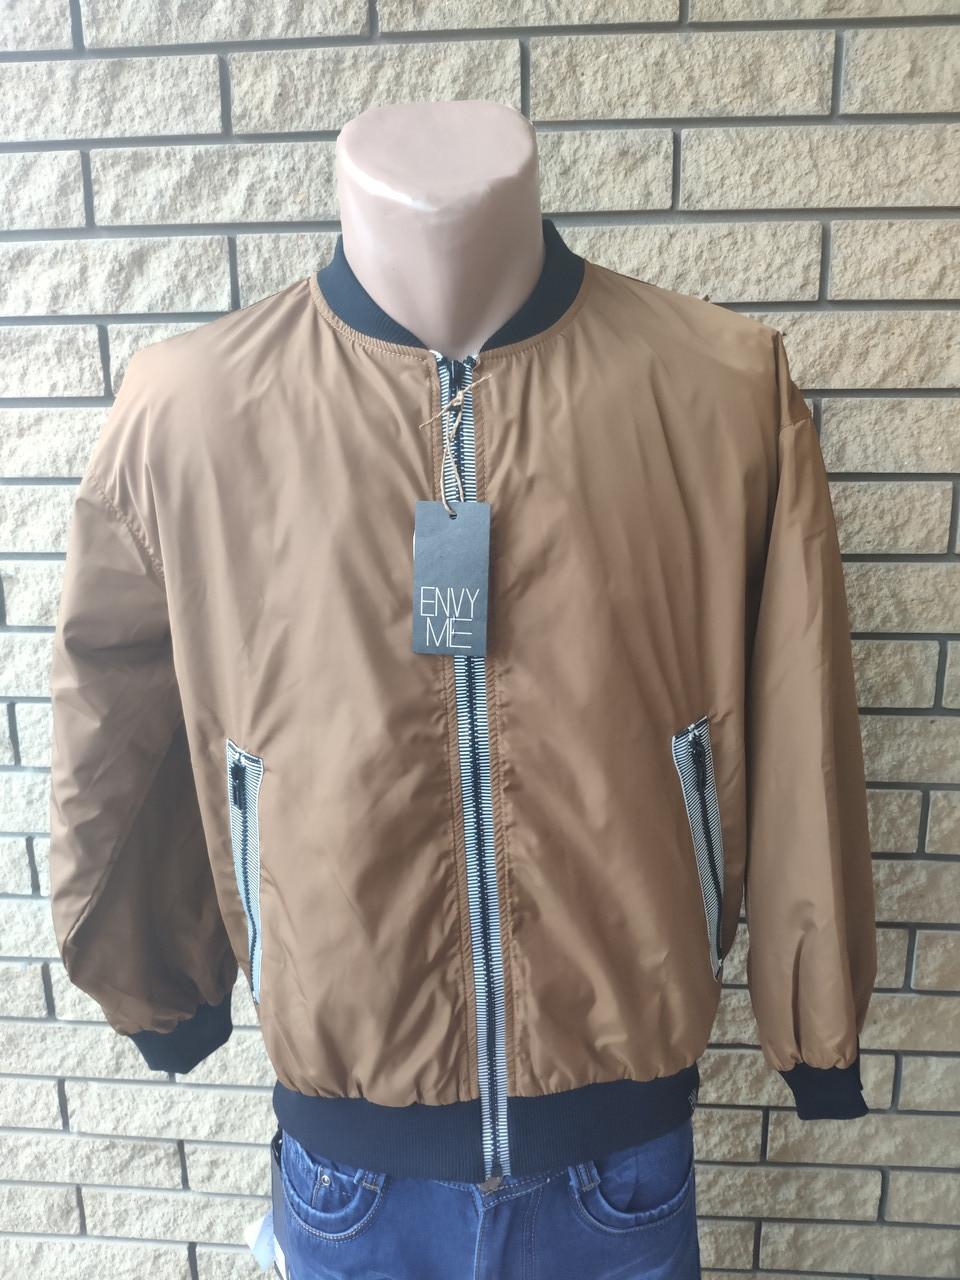 Бомбер, куртка, ветровка унисекс  на молнии высокого качества брендовая ENVYME, Украина(ARBER)